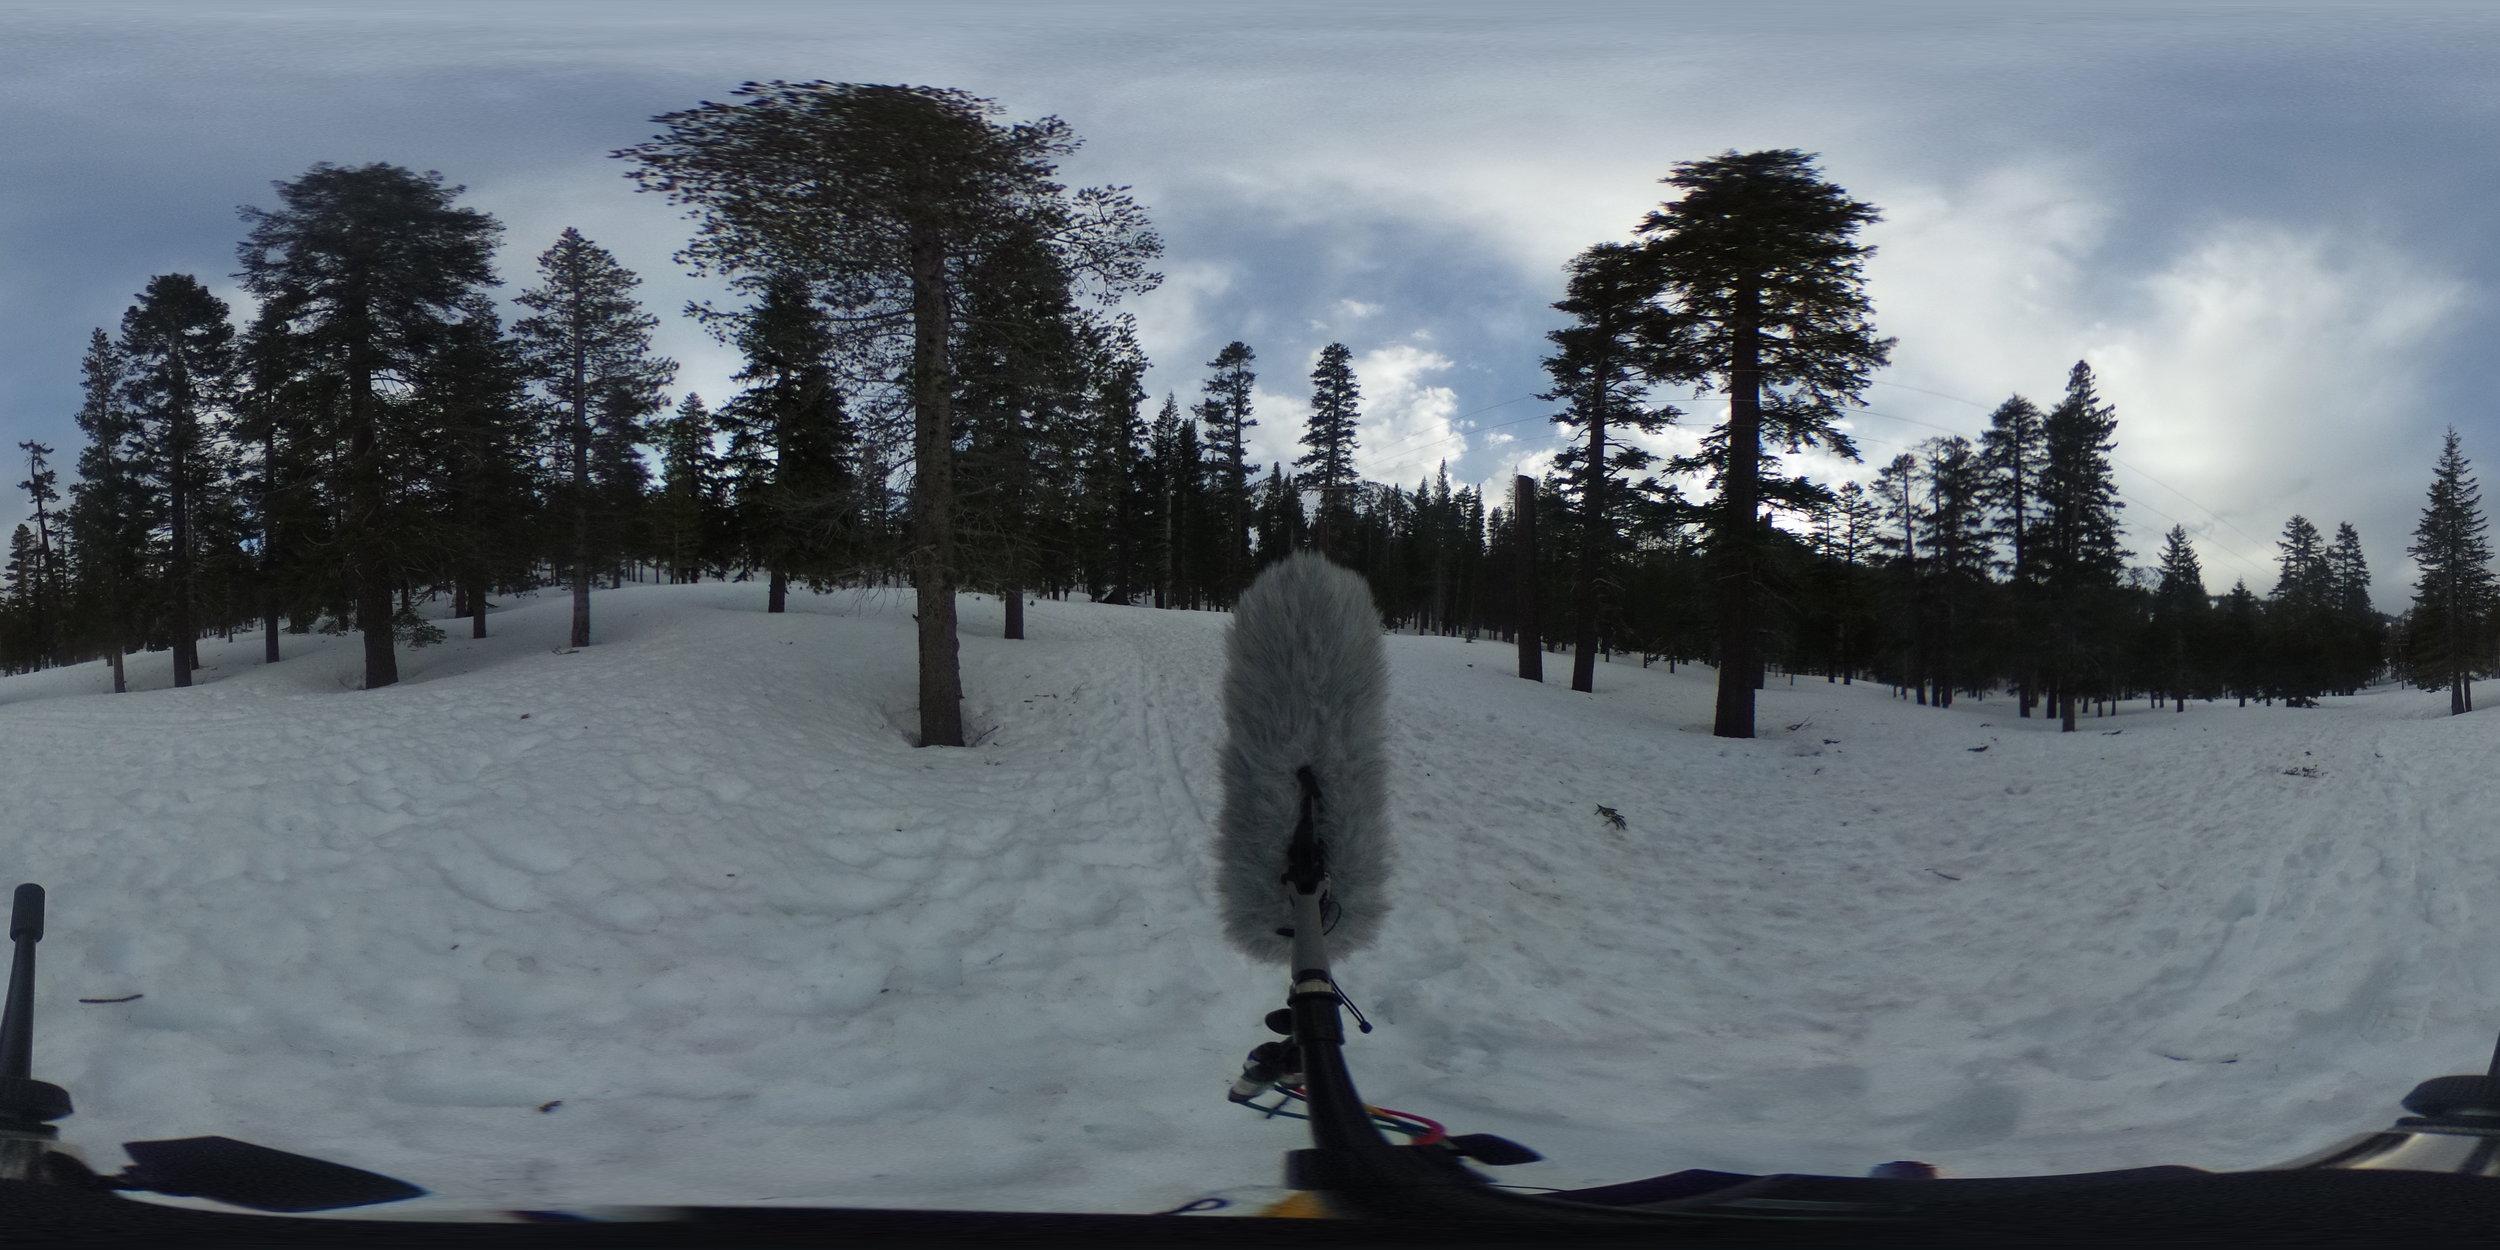 EXT_Day_Snow_OpenField_SteadyColdWInd_DistantVoicesTalking_VeryDistantTraffic_JPEG.JPG